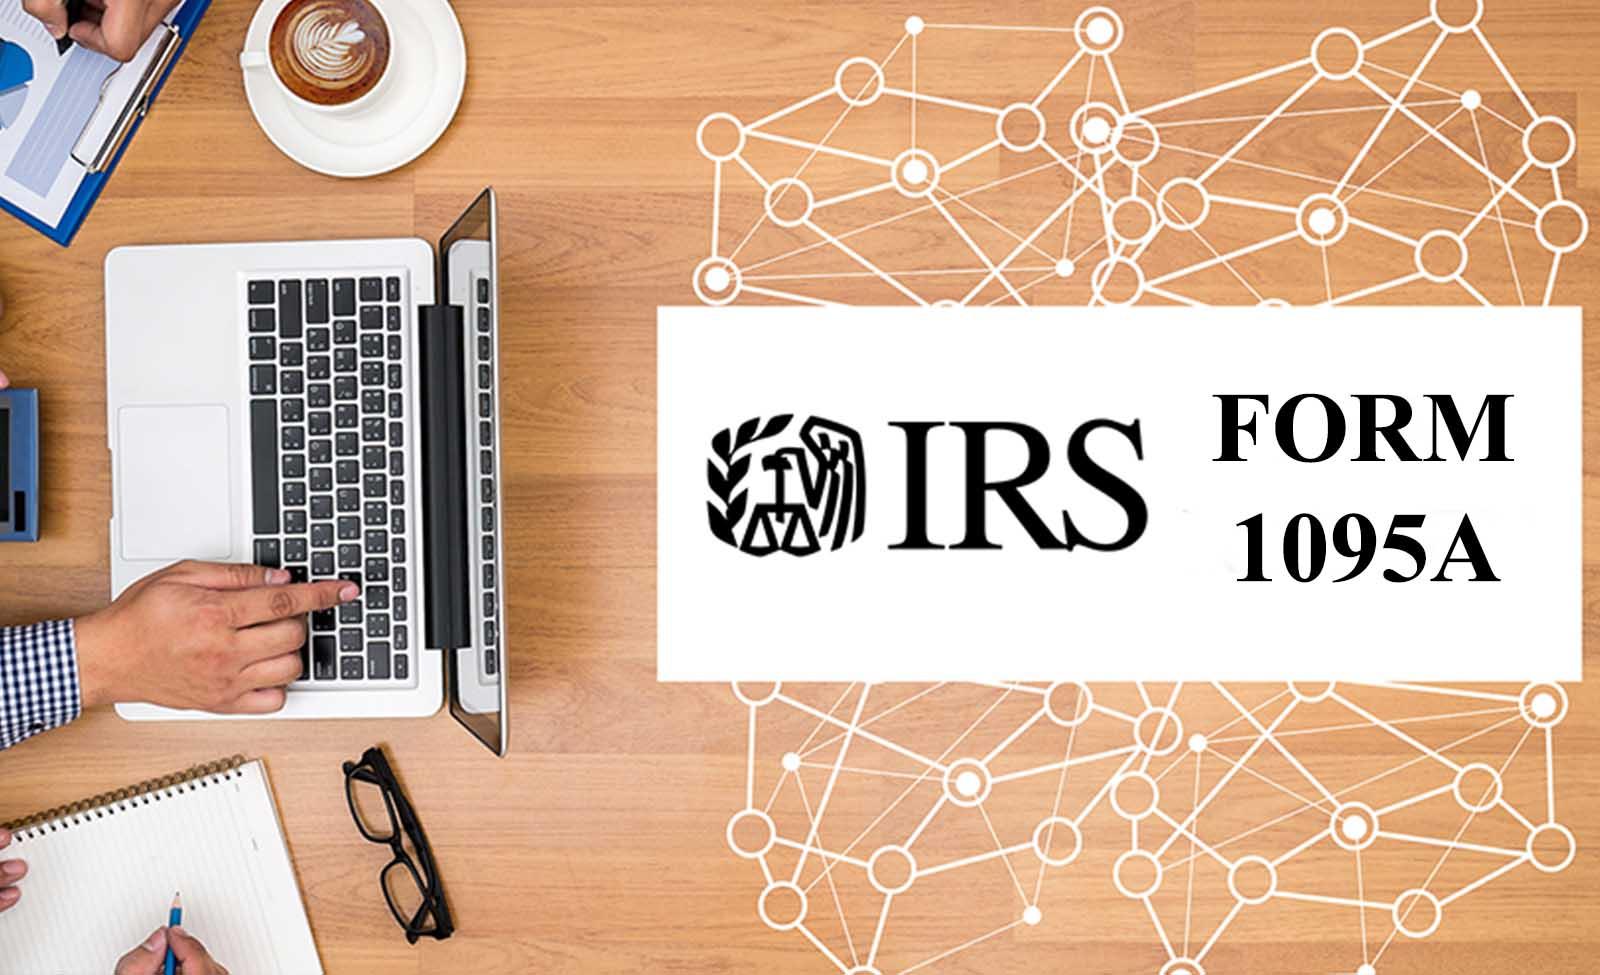 irs tax form 1095-a